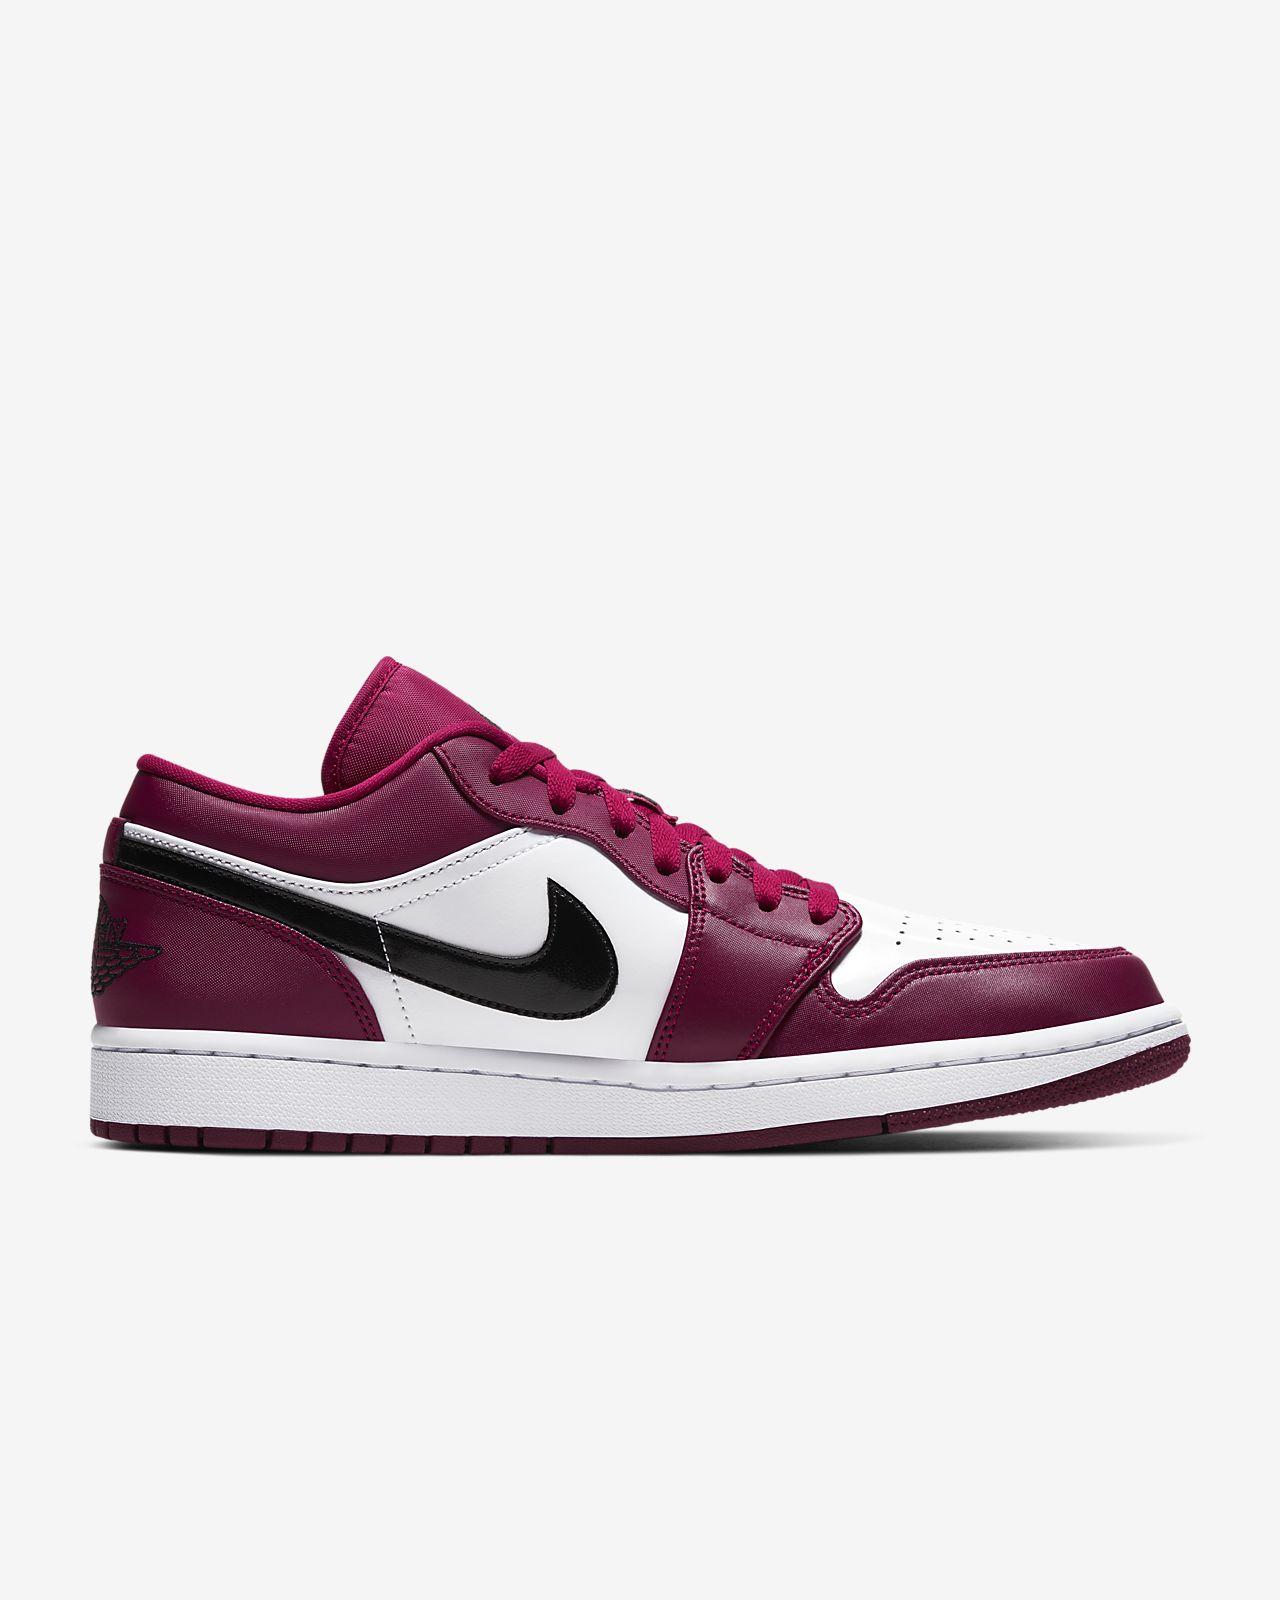 Sapatilhas Air Jordan 1 Low